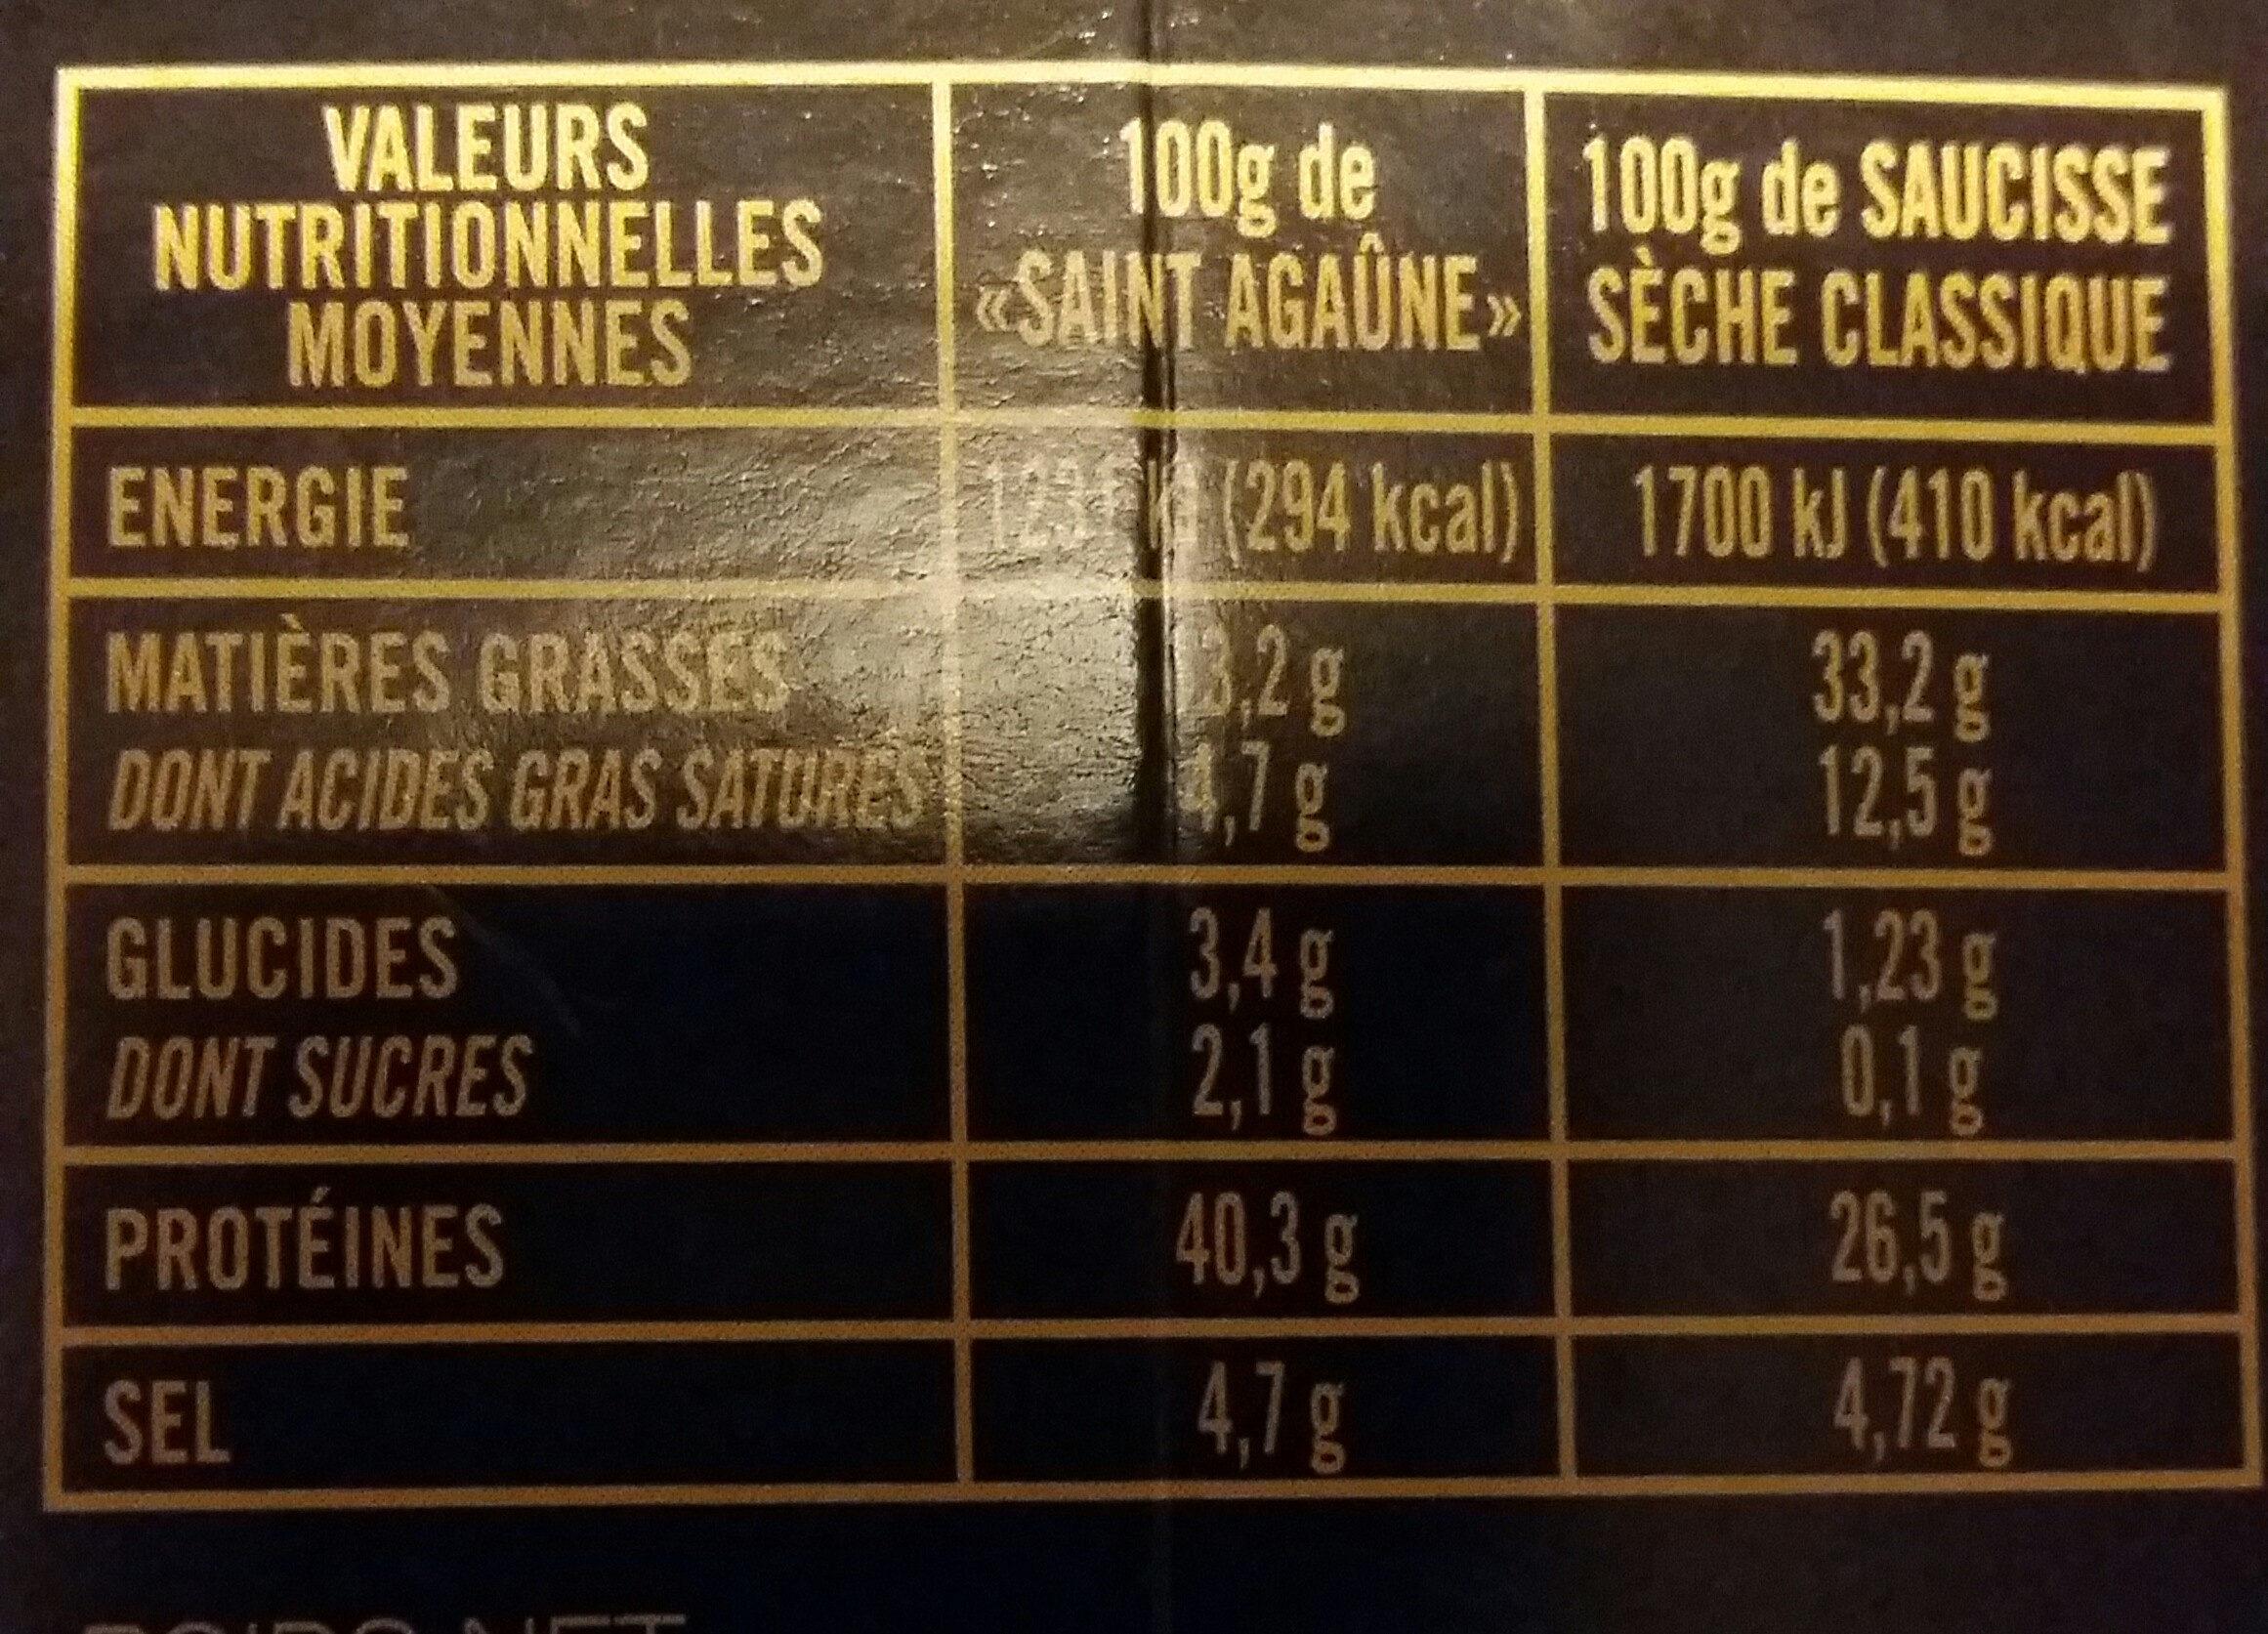 Saint Agaûne Spécialité de saucisse sèche La Fine 120 g - Informations nutritionnelles